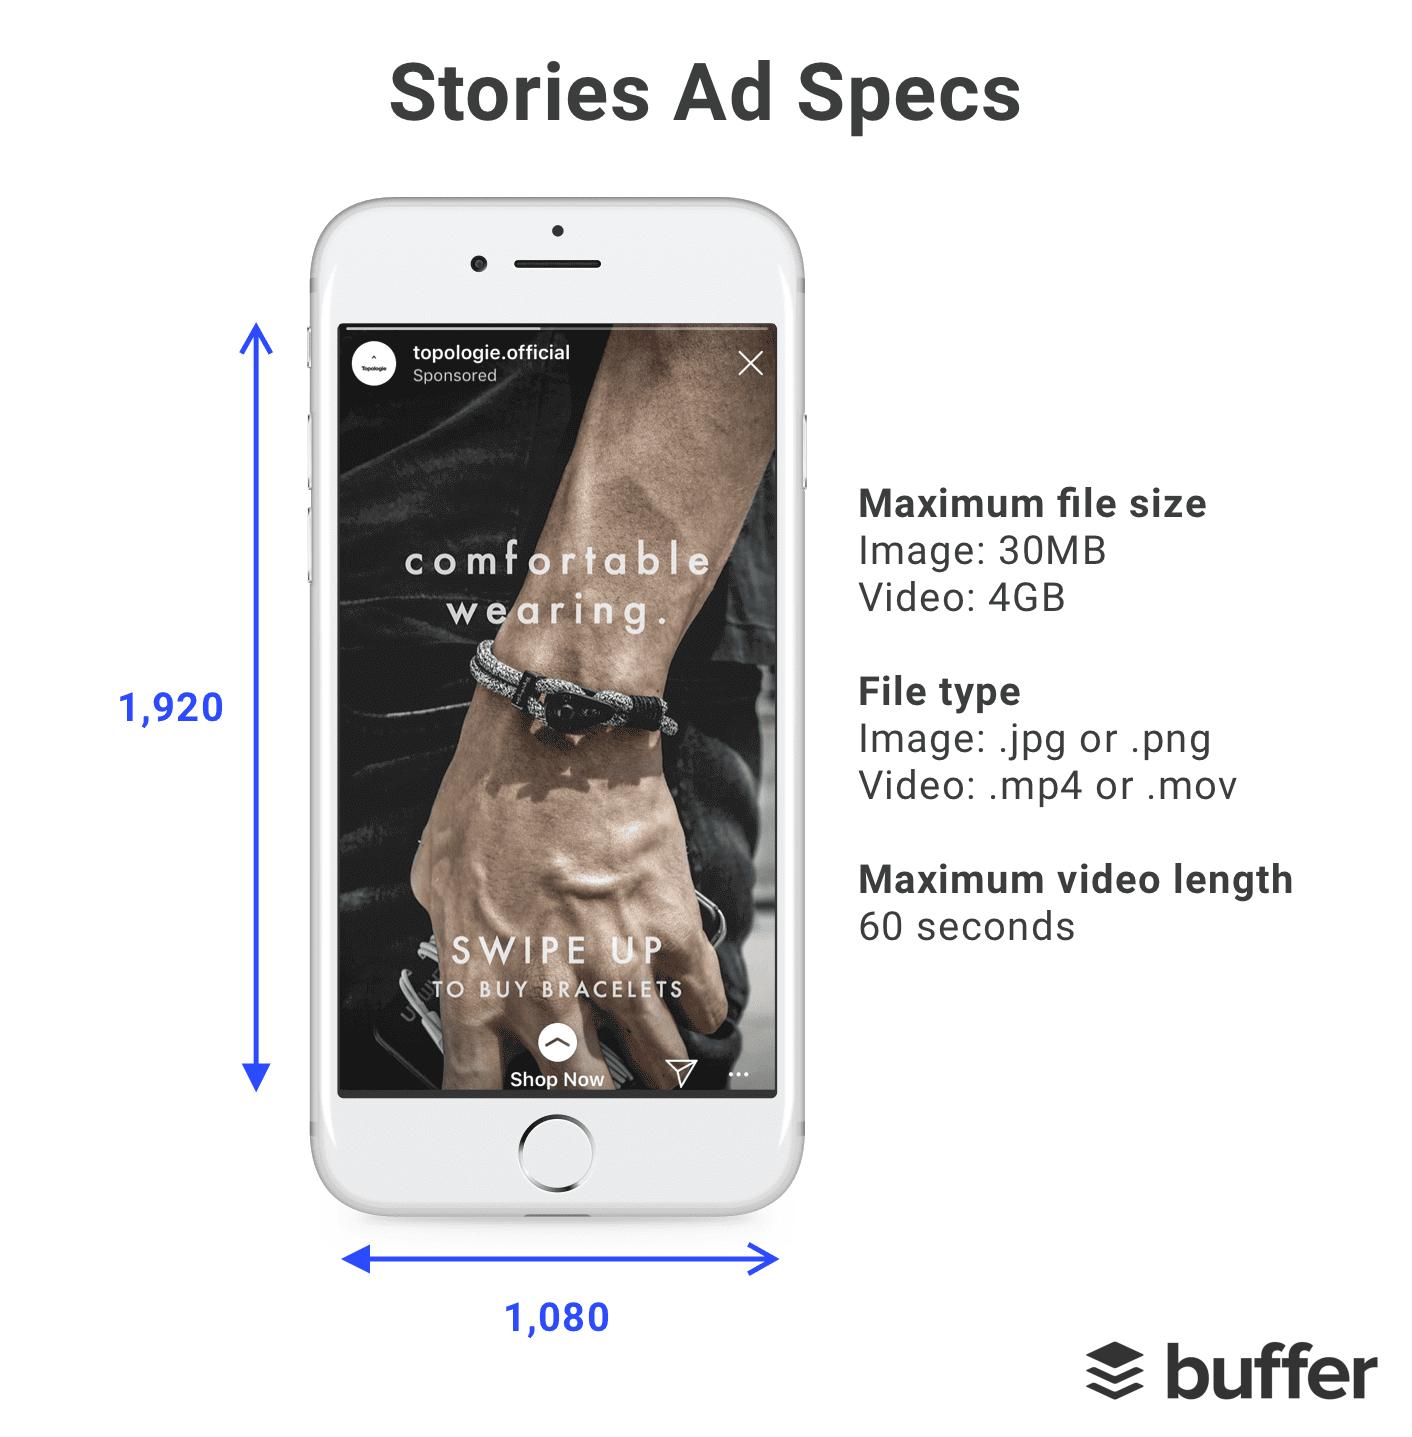 dimensões de anuncios de stories de instagram